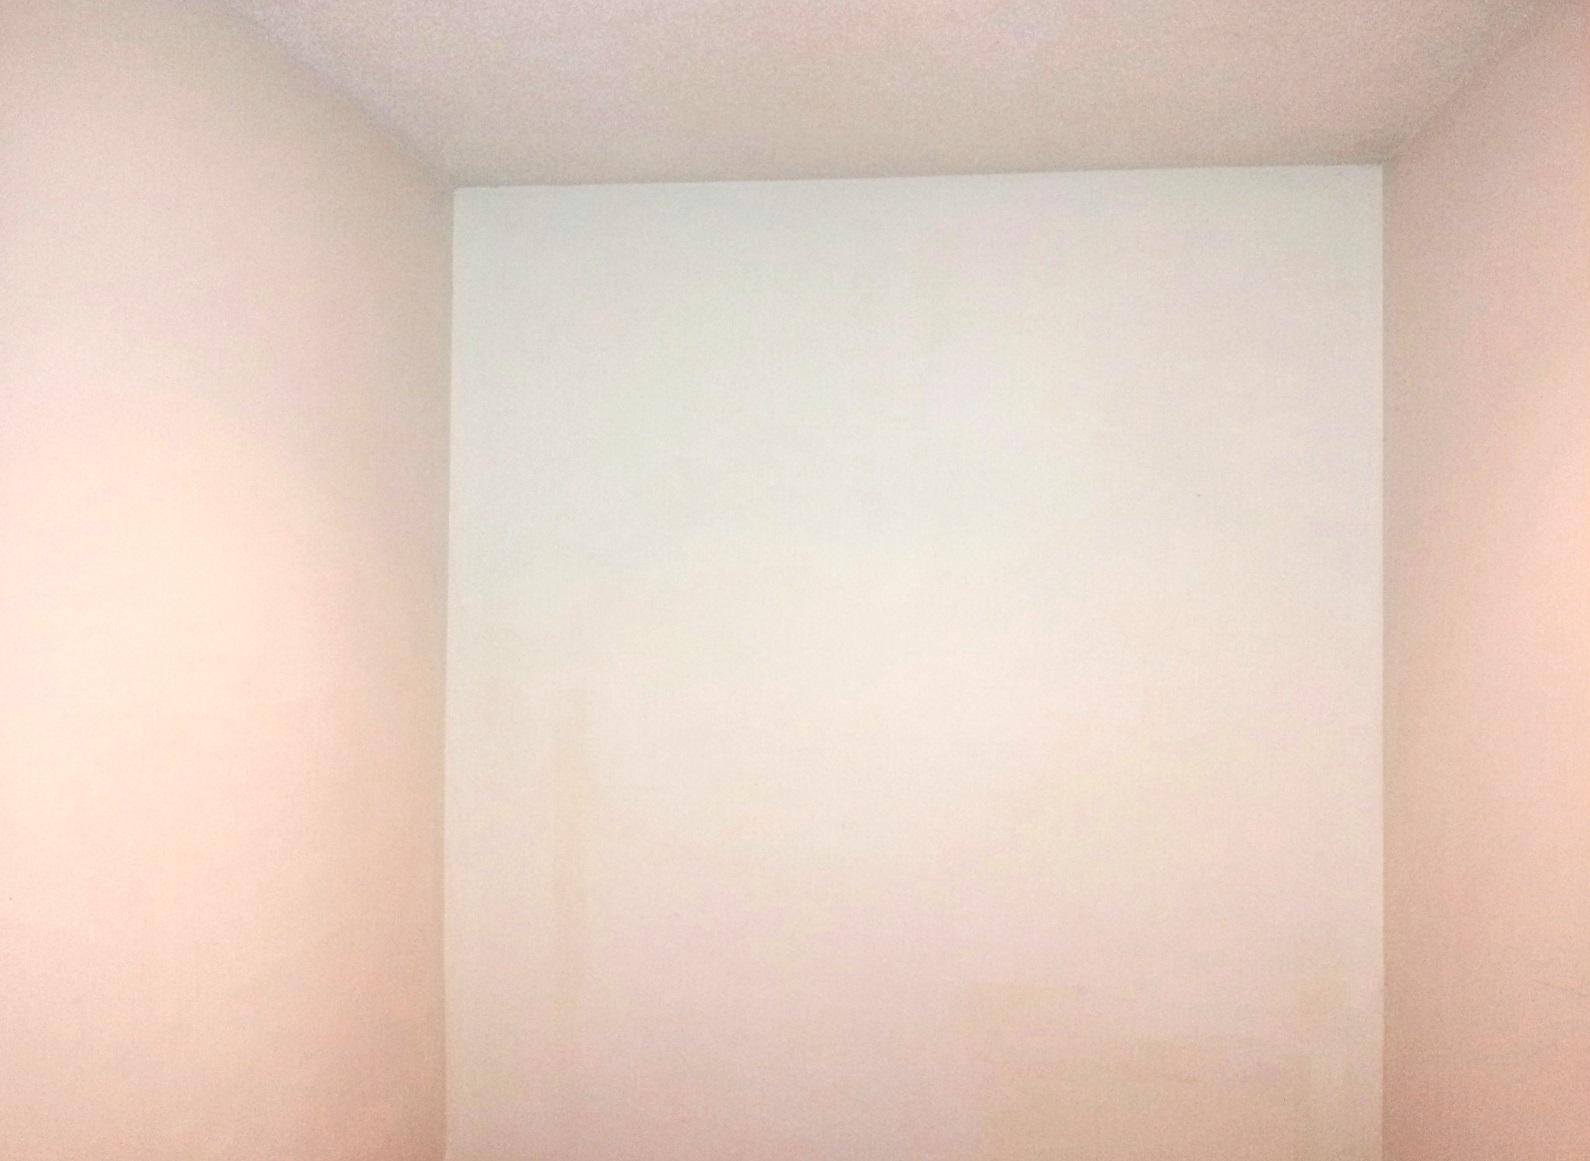 Supply/Copy Room